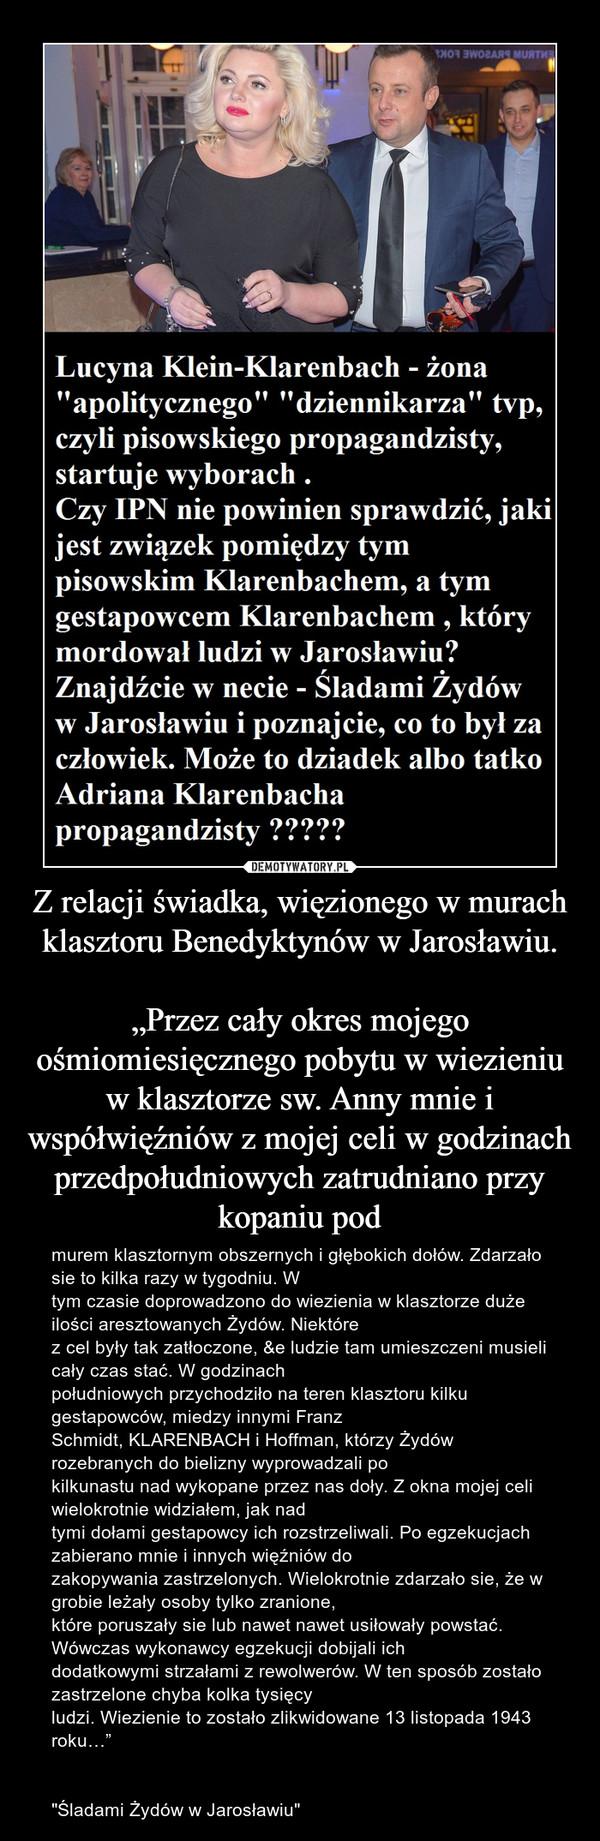 """Z relacji świadka, więzionego w murach klasztoru Benedyktynów w Jarosławiu.""""Przez cały okres mojego ośmiomiesięcznego pobytu w wiezieniu w klasztorze sw. Anny mnie iwspółwięźniów z mojej celi w godzinach przedpołudniowych zatrudniano przy kopaniu pod – murem klasztornym obszernych i głębokich dołów. Zdarzało sie to kilka razy w tygodniu. Wtym czasie doprowadzono do wiezienia w klasztorze duże ilości aresztowanych Żydów. Niektórez cel były tak zatłoczone, &e ludzie tam umieszczeni musieli cały czas stać. W godzinachpołudniowych przychodziło na teren klasztoru kilku gestapowców, miedzy innymi FranzSchmidt, KLARENBACH i Hoffman, którzy Żydów rozebranych do bielizny wyprowadzali pokilkunastu nad wykopane przez nas doły. Z okna mojej celi wielokrotnie widziałem, jak nadtymi dołami gestapowcy ich rozstrzeliwali. Po egzekucjach zabierano mnie i innych więźniów dozakopywania zastrzelonych. Wielokrotnie zdarzało sie, że w grobie leżały osoby tylko zranione,które poruszały sie lub nawet nawet usiłowały powstać. Wówczas wykonawcy egzekucji dobijali ichdodatkowymi strzałami z rewolwerów. W ten sposób zostało zastrzelone chyba kolka tysięcyludzi. Wiezienie to zostało zlikwidowane 13 listopada 1943 roku…""""""""Śladami Żydów w Jarosławiu"""""""